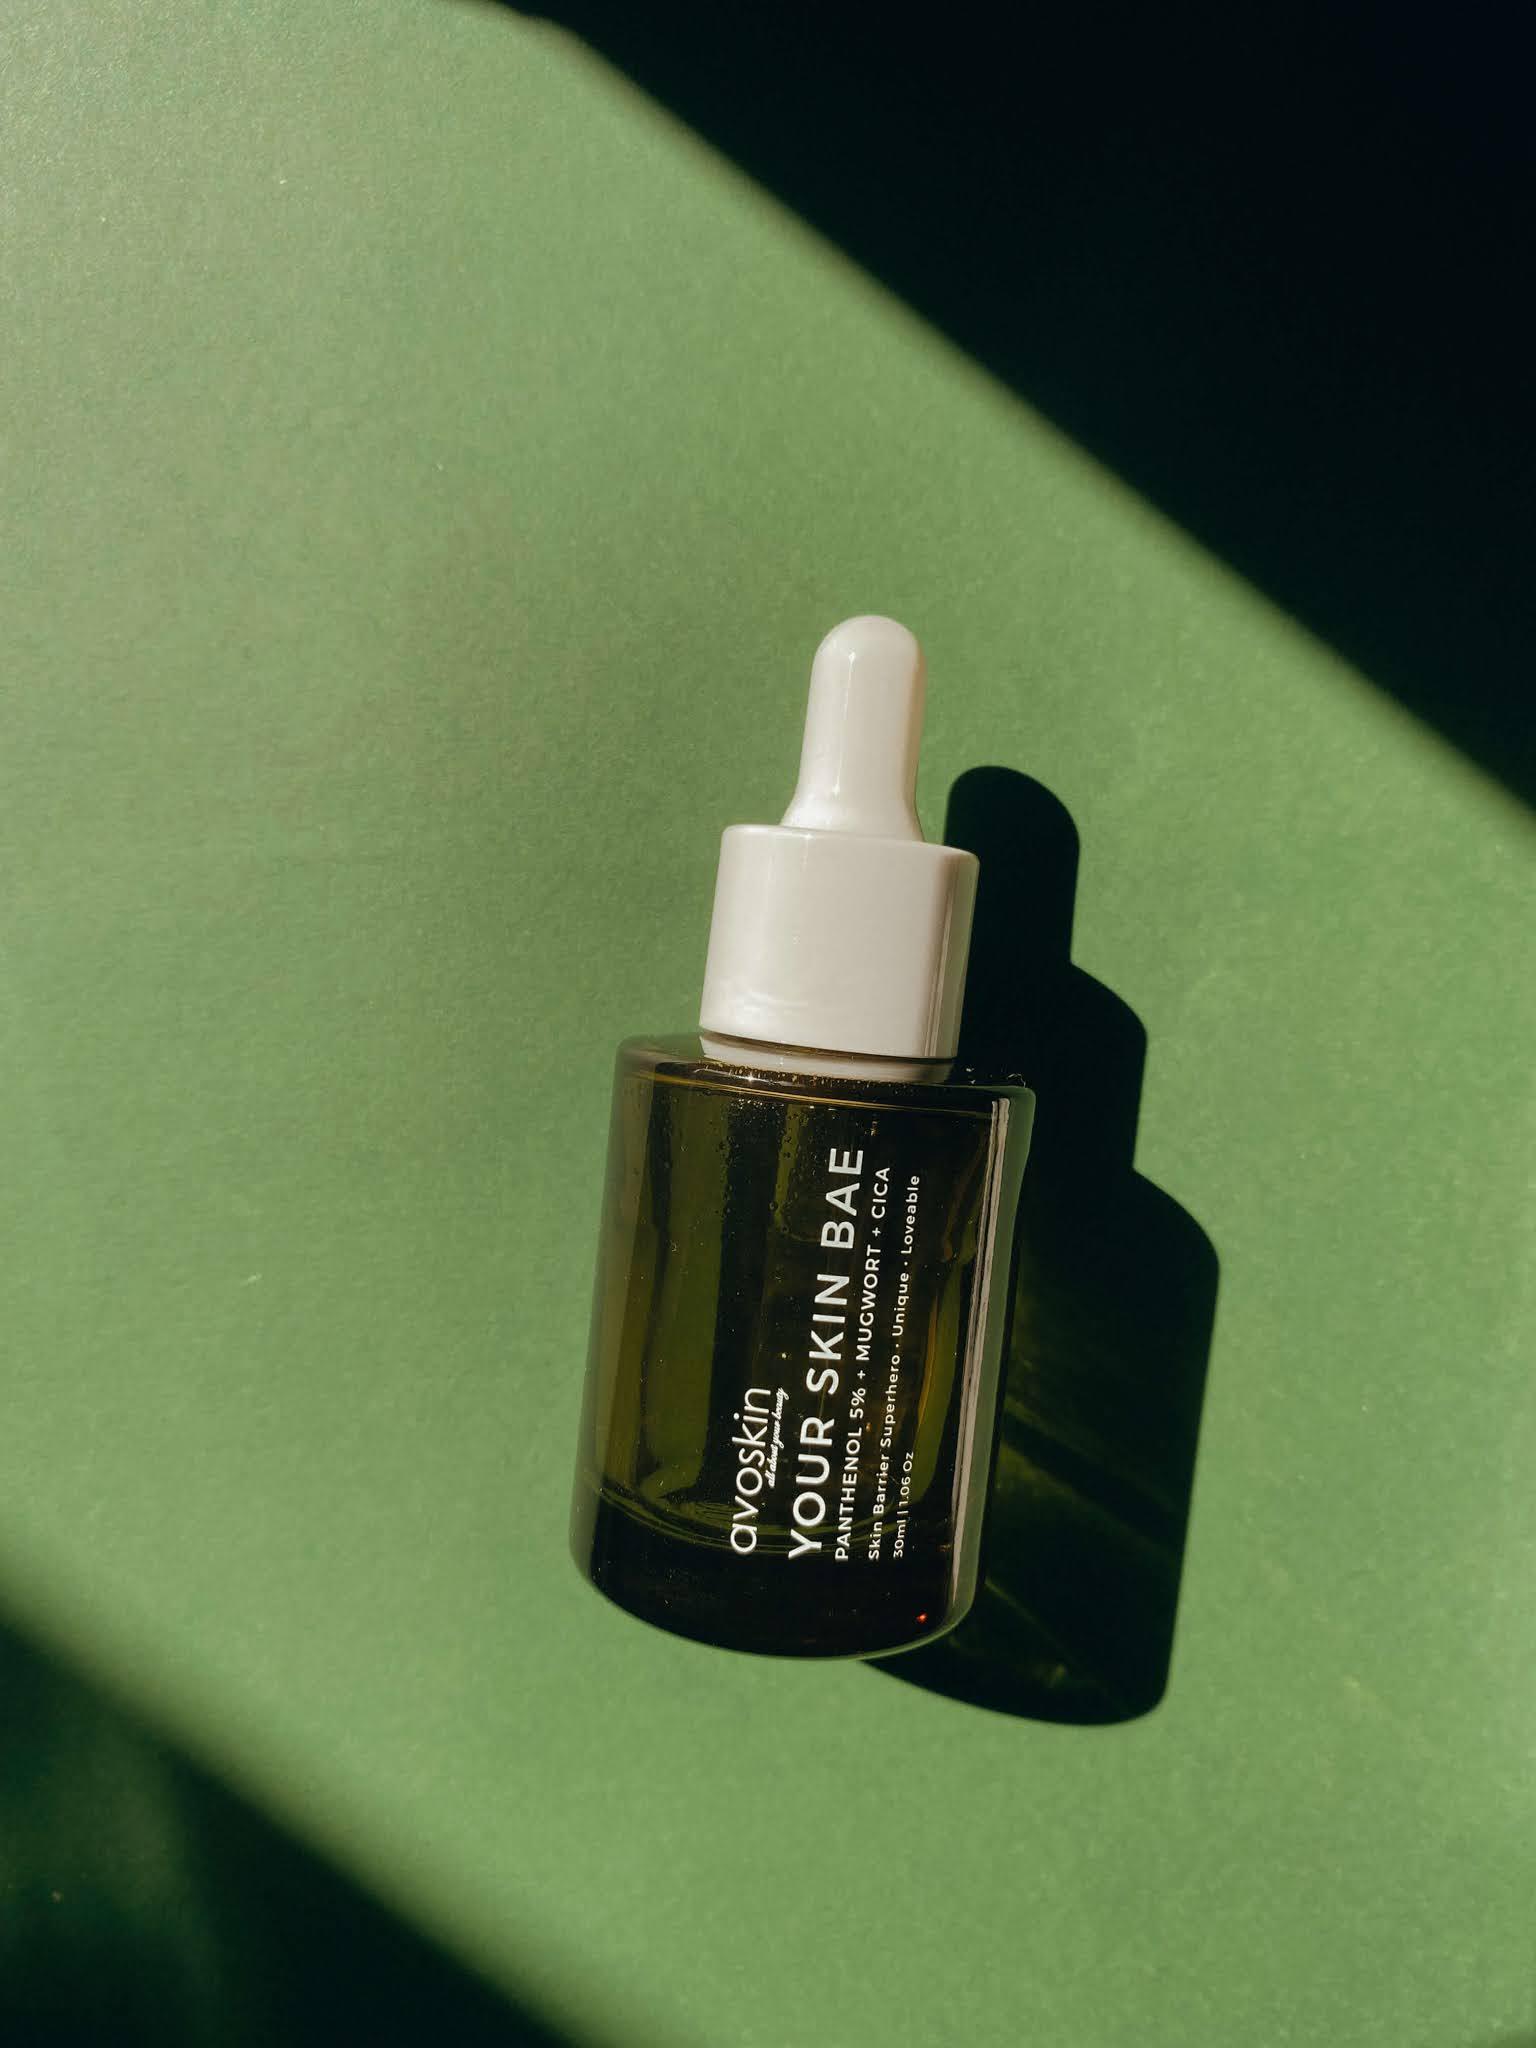 Harga Avoskin Your Skin Bae Panthenol Serum